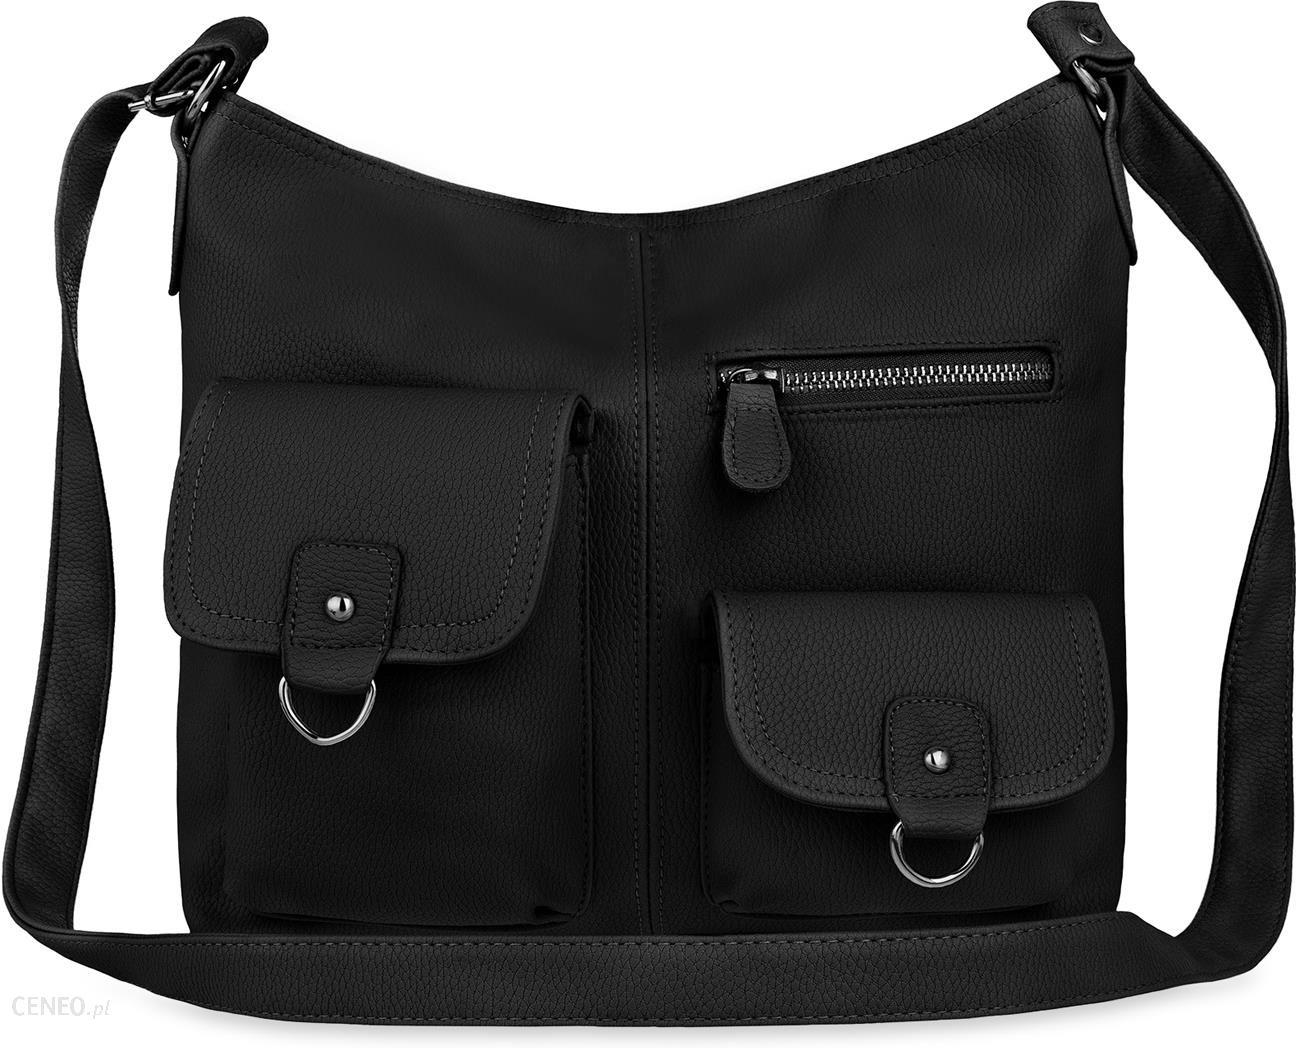 294f997adc6d9 Praktyczna torebka damska raportówka przewieszka z kieszonkami - czarny -  zdjęcie 1